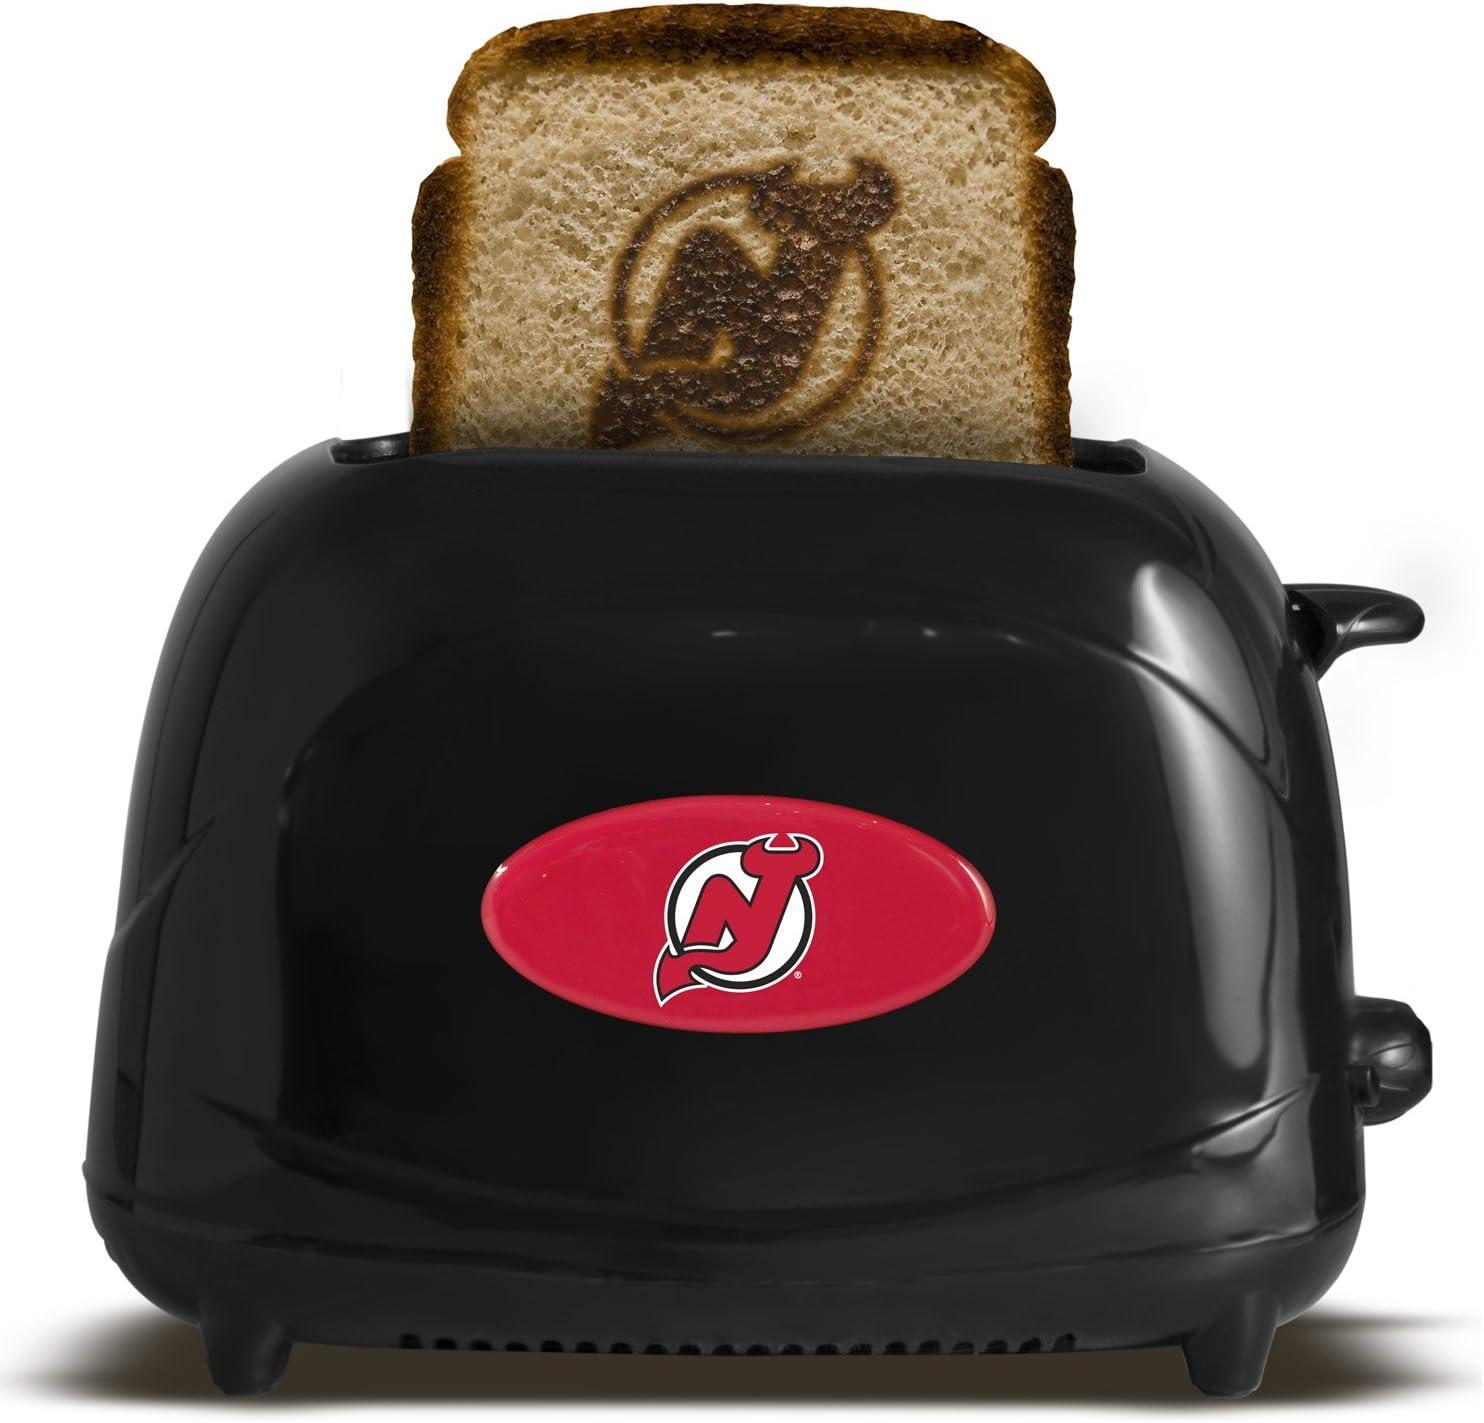 NHL Team ProToast Elite Toaster